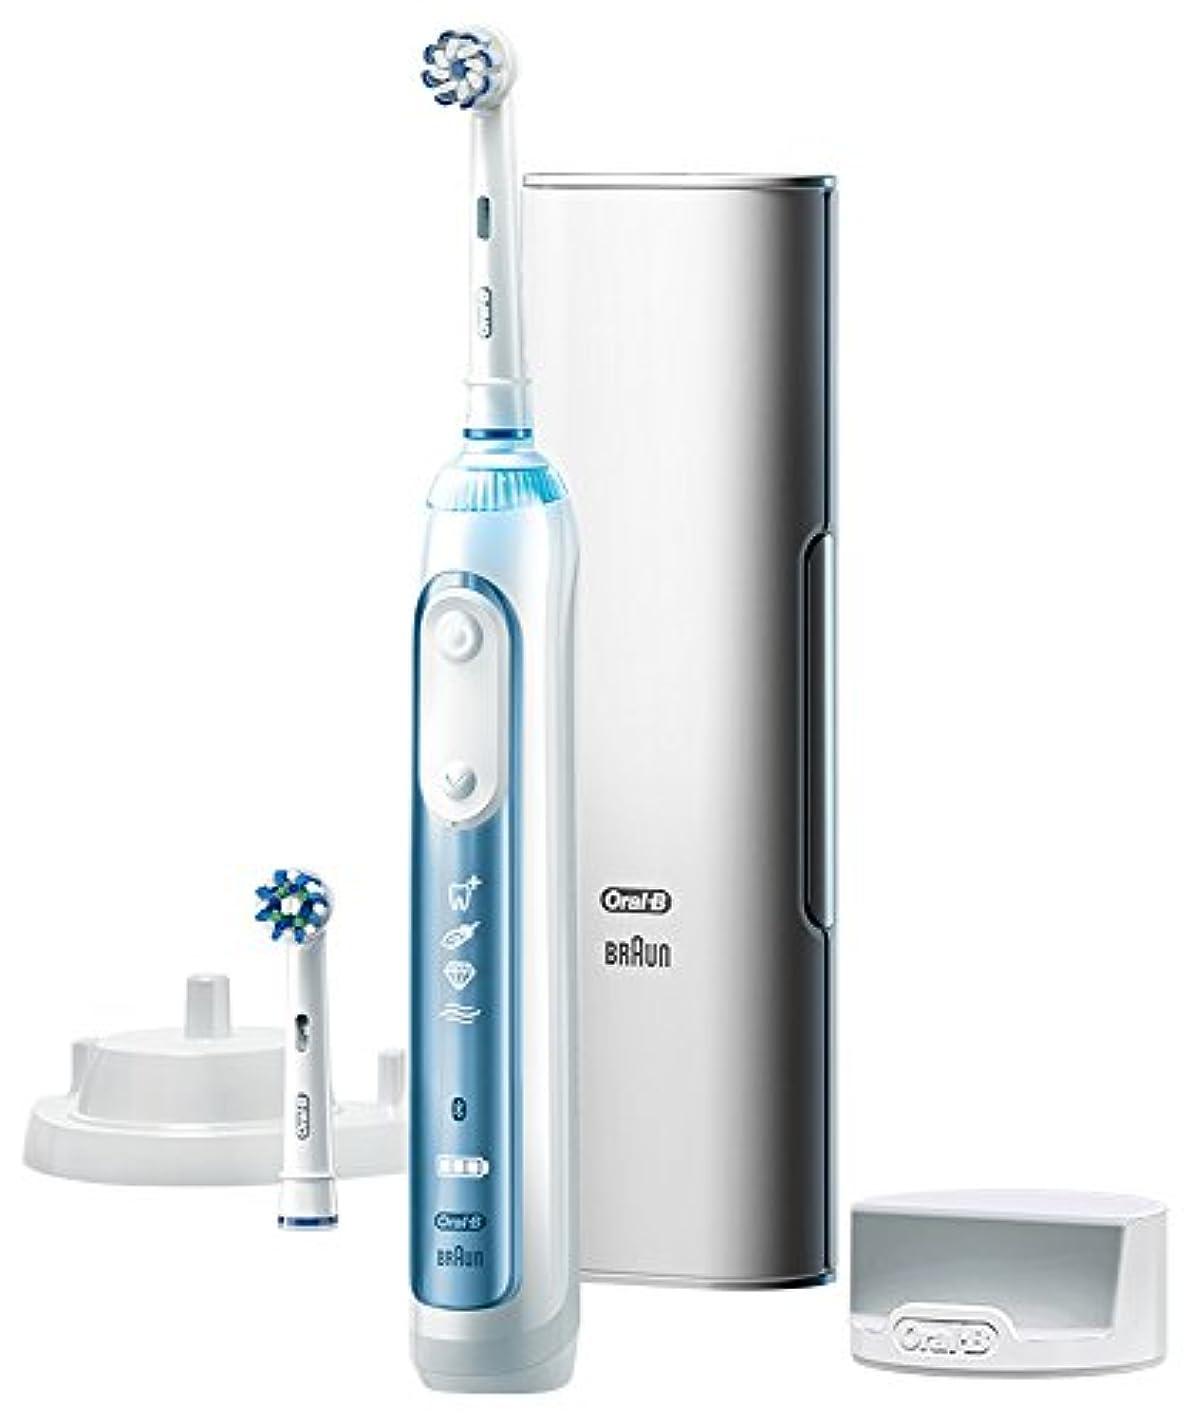 支払い今後旅行ブラウン オーラルB 電動歯ブラシ スマート7000 D7005245XP D7005245XP